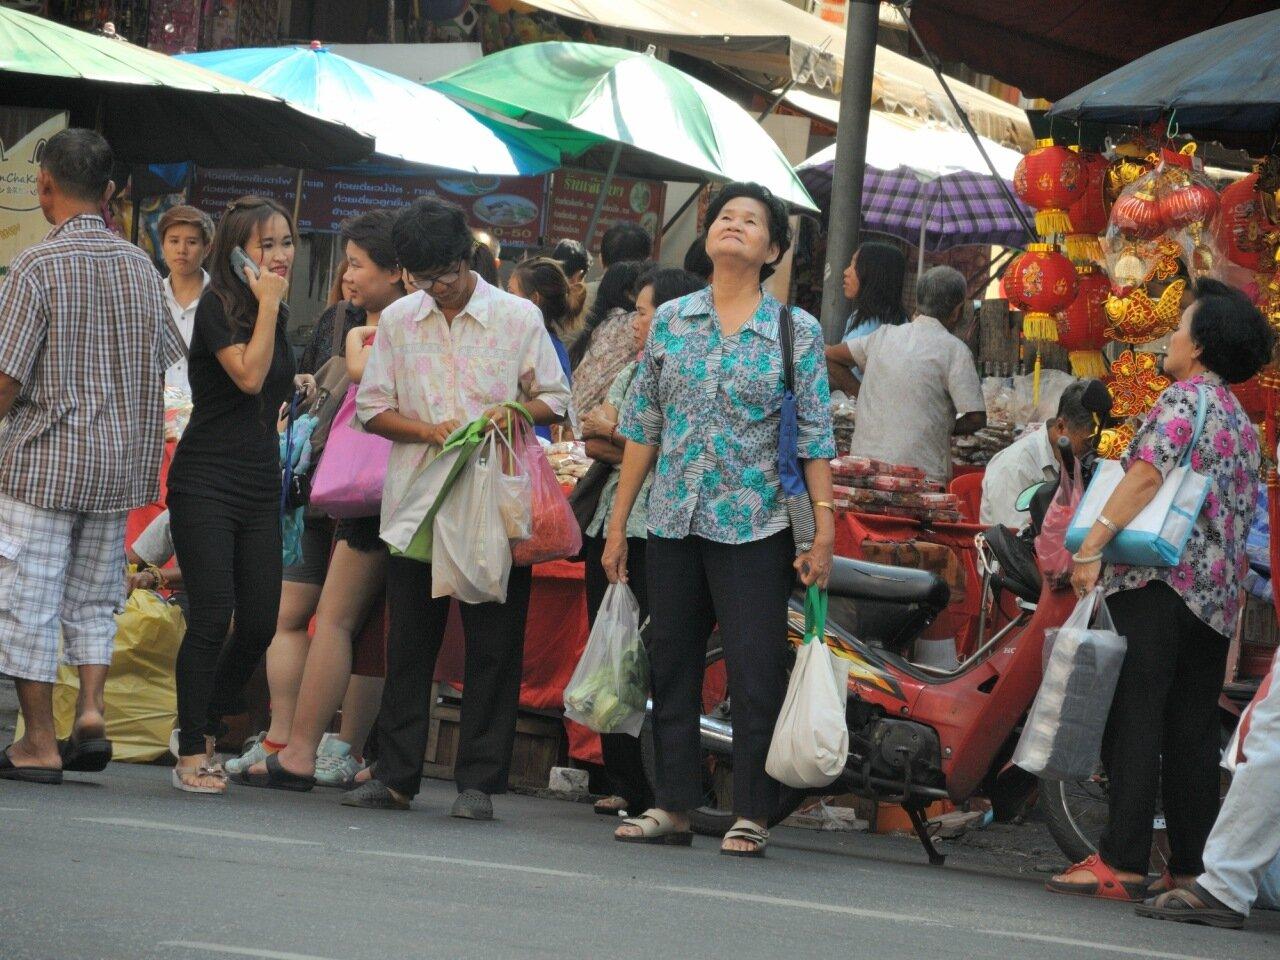 Чайнатаун, Бангкок